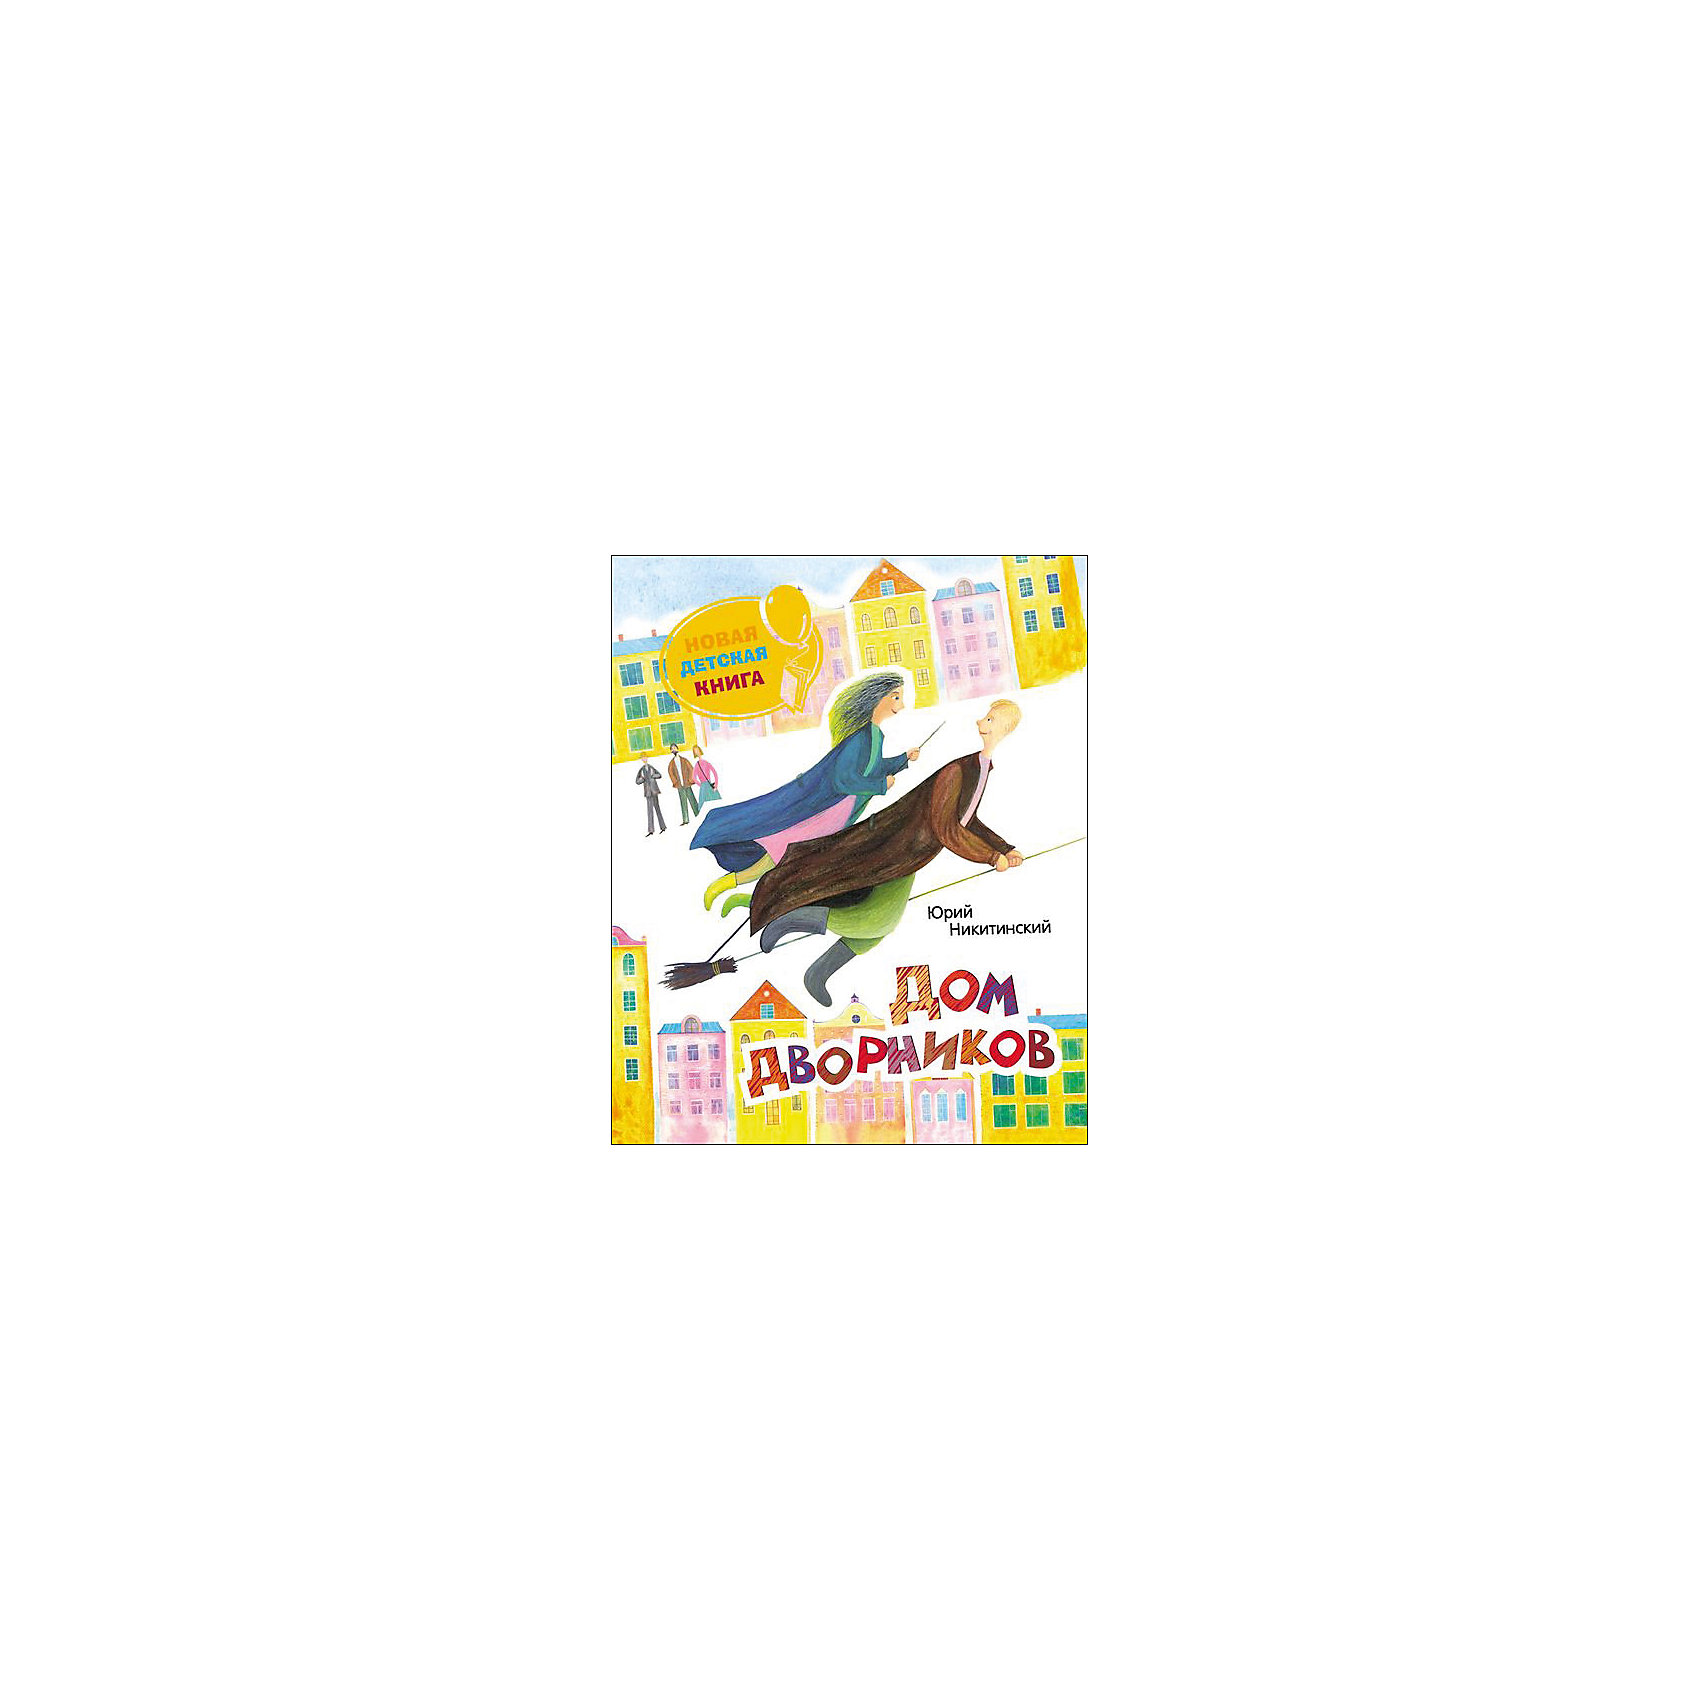 Дом дворников, Ю. НикитинскийРосмэн<br>Характеристики товара:<br><br>- цвет: разноцветный;<br>- материал: бумага;<br>- страниц: 48;<br>- формат: 24 х 20 см;<br>- обложка: твердая;<br>- иллюстрации.<br><br>Эта интересная книга с иллюстрациями станет отличным подарком для ребенка. Она содержит в себе сказку, которая полюбилась уже многим! Талантливый иллюстратор дополнил книгу качественными рисунками, которые помогают ребенку проникнуться духом сказки.<br>Чтение - отличный способ активизации мышления, оно помогает ребенку развивать зрительную память, концентрацию внимания и воображение. Издание произведено из качественных материалов, которые безопасны даже для самых маленьких.<br><br>Книгу Дом дворников, Ю. Никитинский от компании Росмэн можно купить в нашем интернет-магазине.<br><br>Ширина мм: 240<br>Глубина мм: 205<br>Высота мм: 7<br>Вес г: 300<br>Возраст от месяцев: 60<br>Возраст до месяцев: 84<br>Пол: Унисекс<br>Возраст: Детский<br>SKU: 5109921